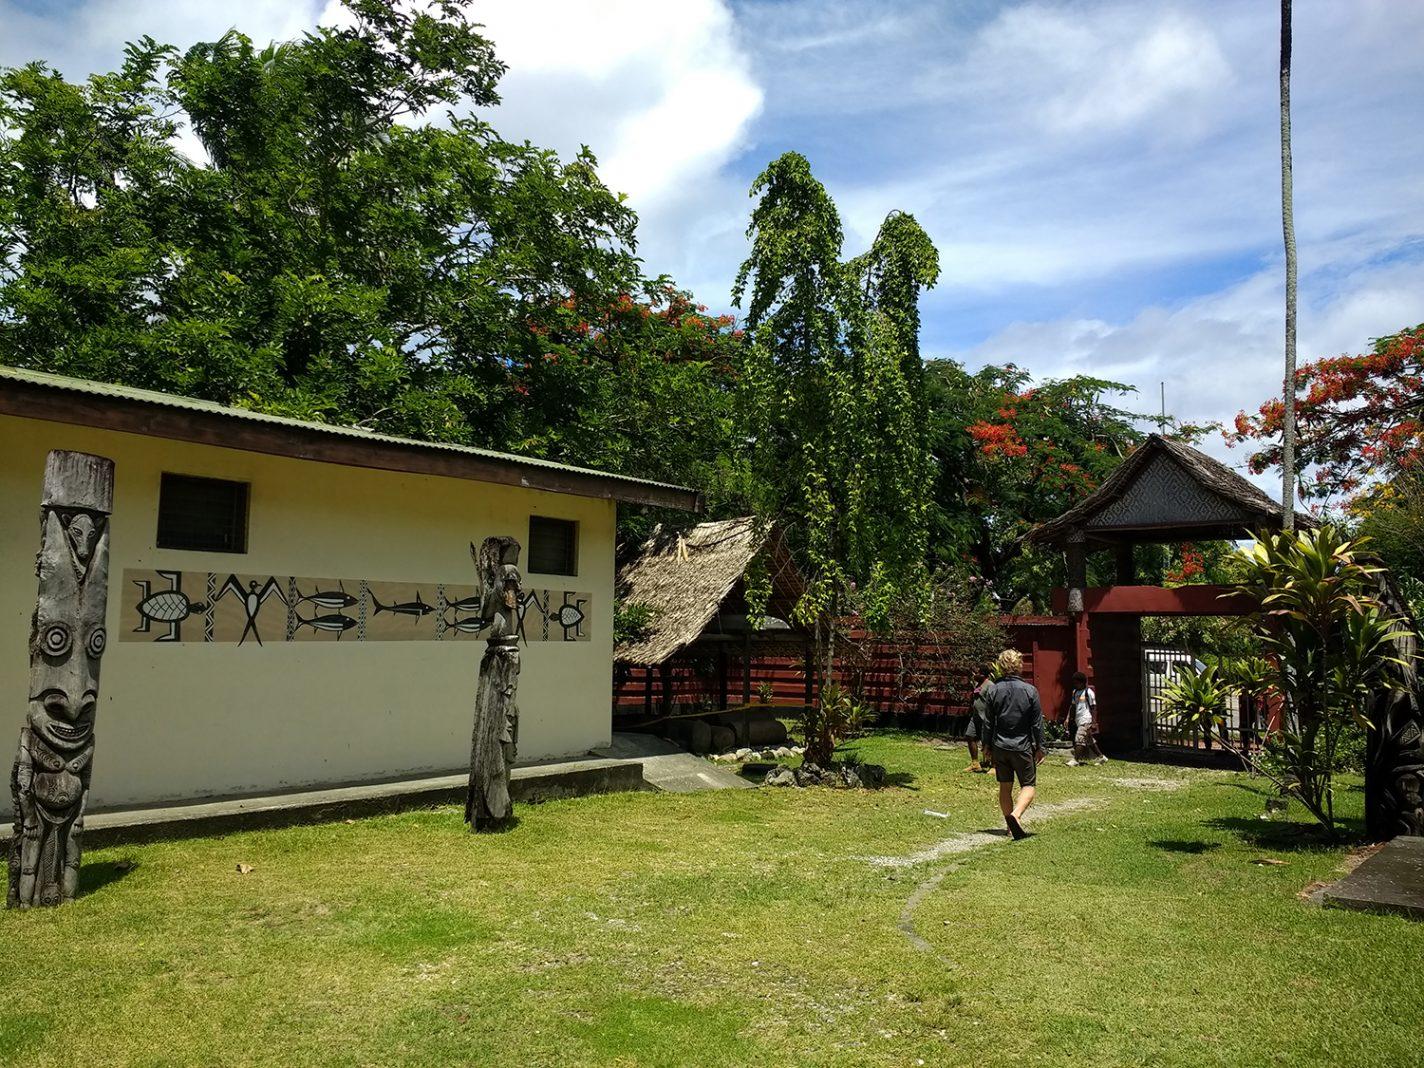 Het National museum Honiara - De Solomon Islands